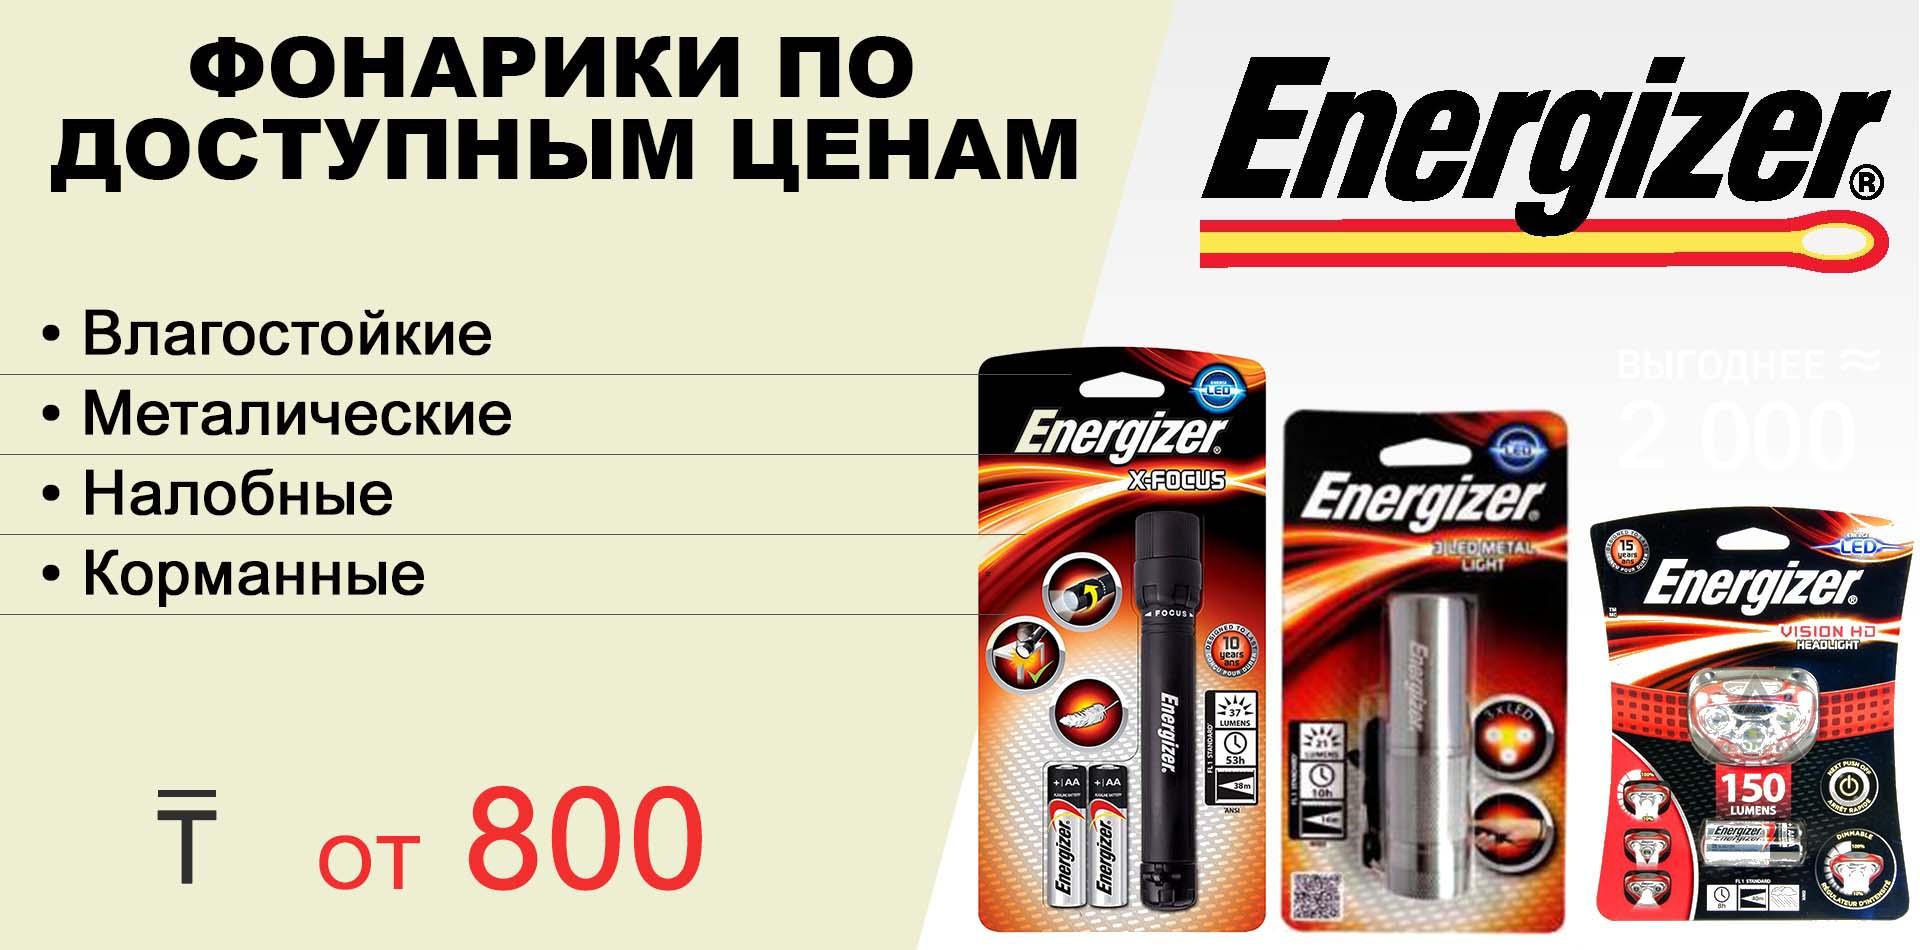 Фонарик Energaizer